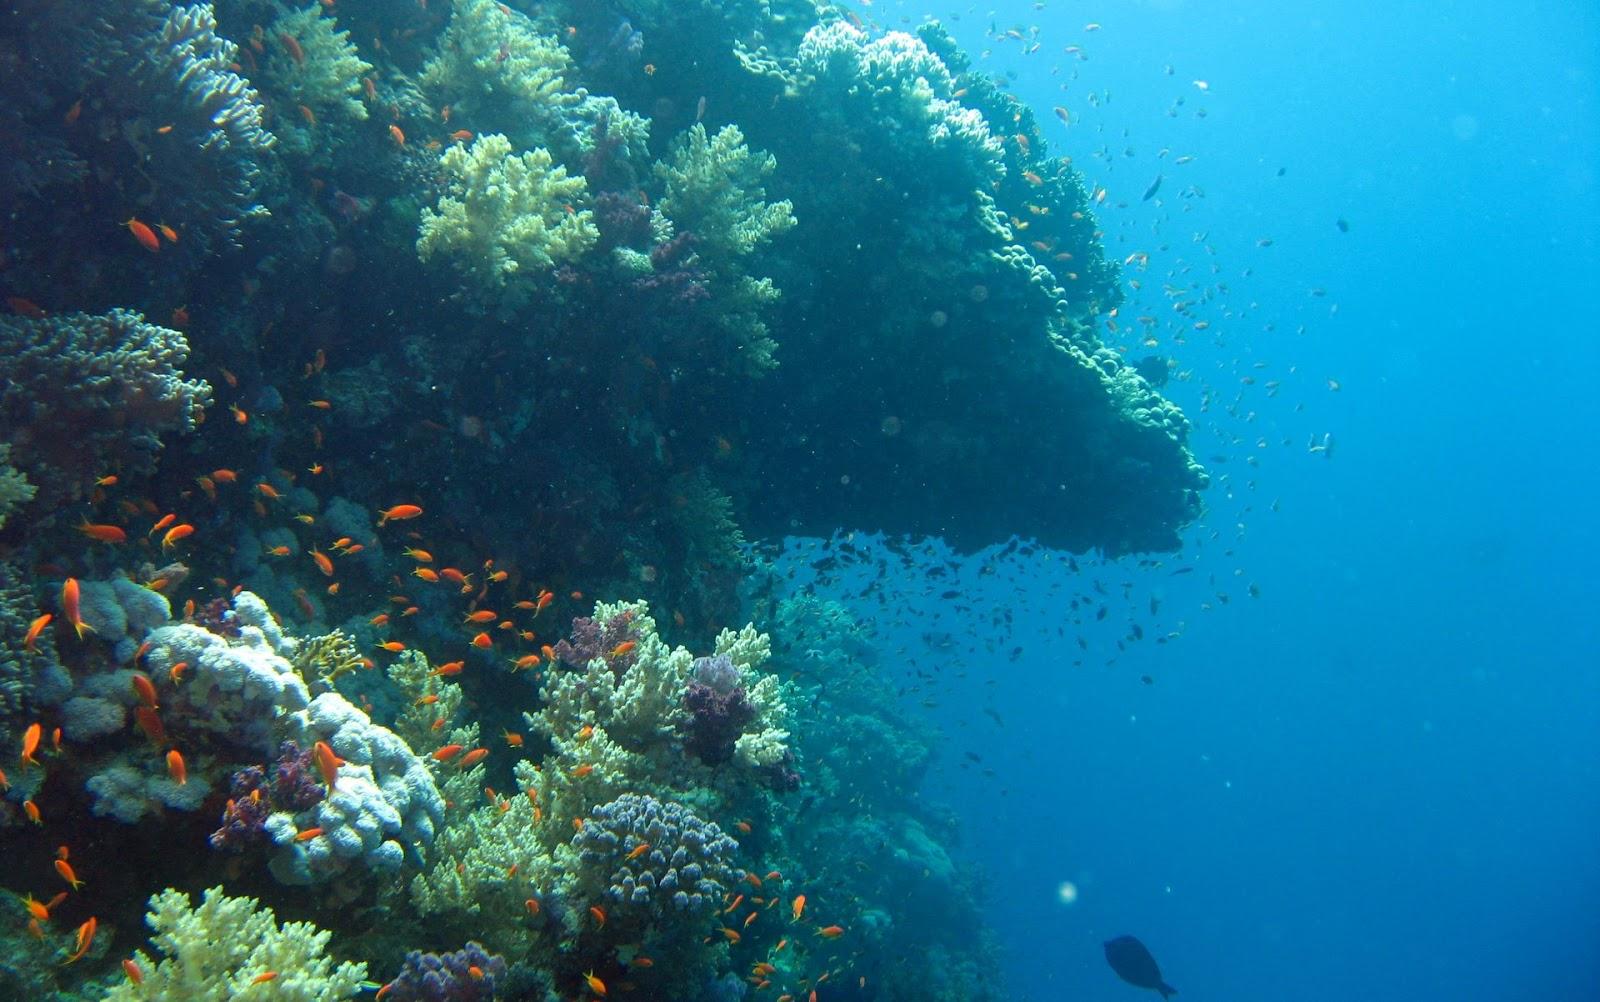 http://4.bp.blogspot.com/-UVPm1IucG5U/UH7bF5KKcNI/AAAAAAAADjU/7z0vkzP9T0Q/s1600/underwater-ocean-wallpaper-1920x1200-elphstone%2Breef%2B221.jpg